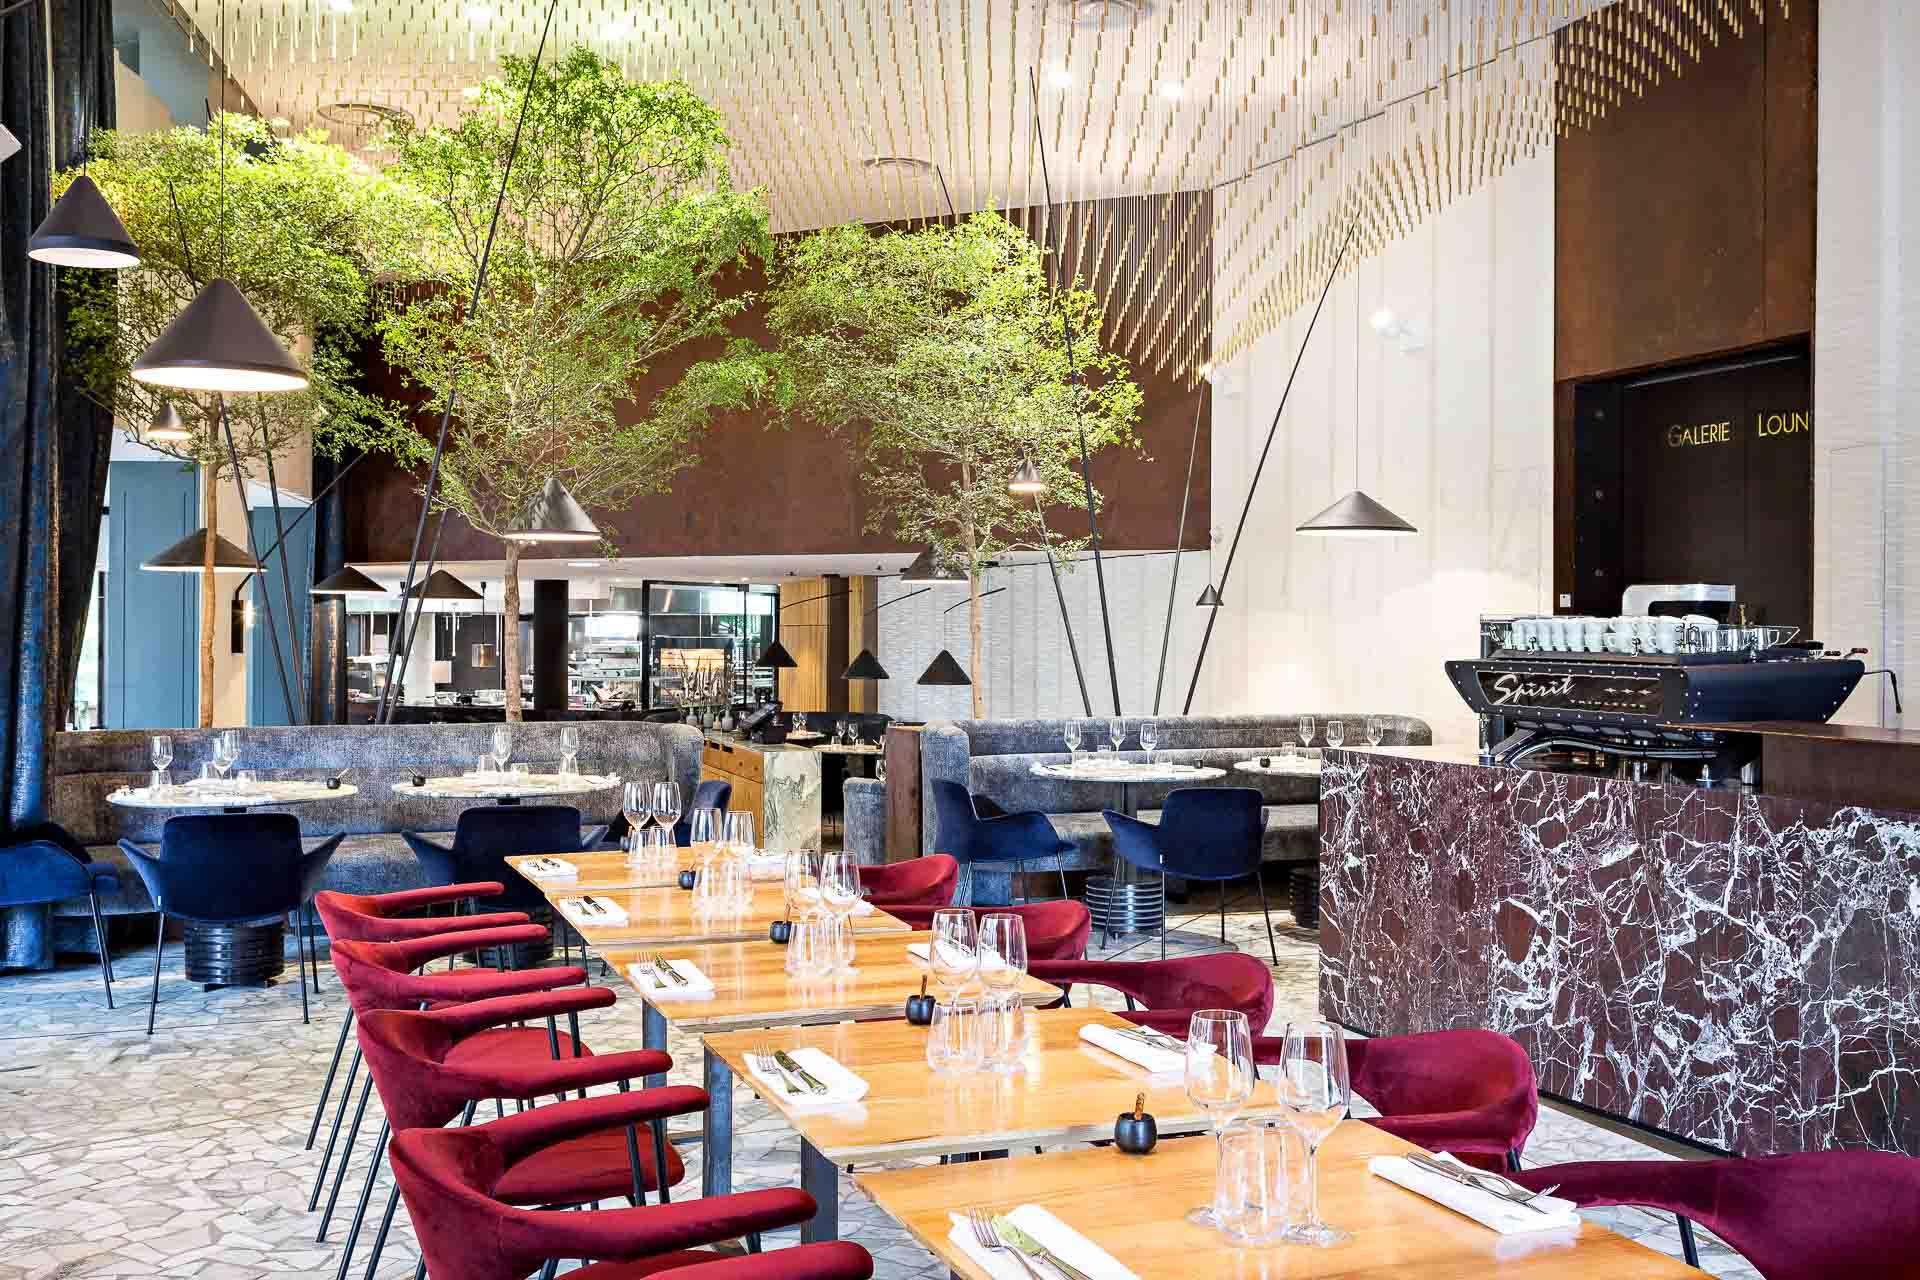 Profitez de votre été à Paris pour découvrir le meilleur des ouvertures récentes de restaurants dans la capitale. Bistronomie chatoyante, terrasse gastronomique idyllique, brasserie revisitée, food market démesuré ou Top Chefs déchainés, on a sélectionné pour vous 10 spots à découvrir d'urgence cet été.